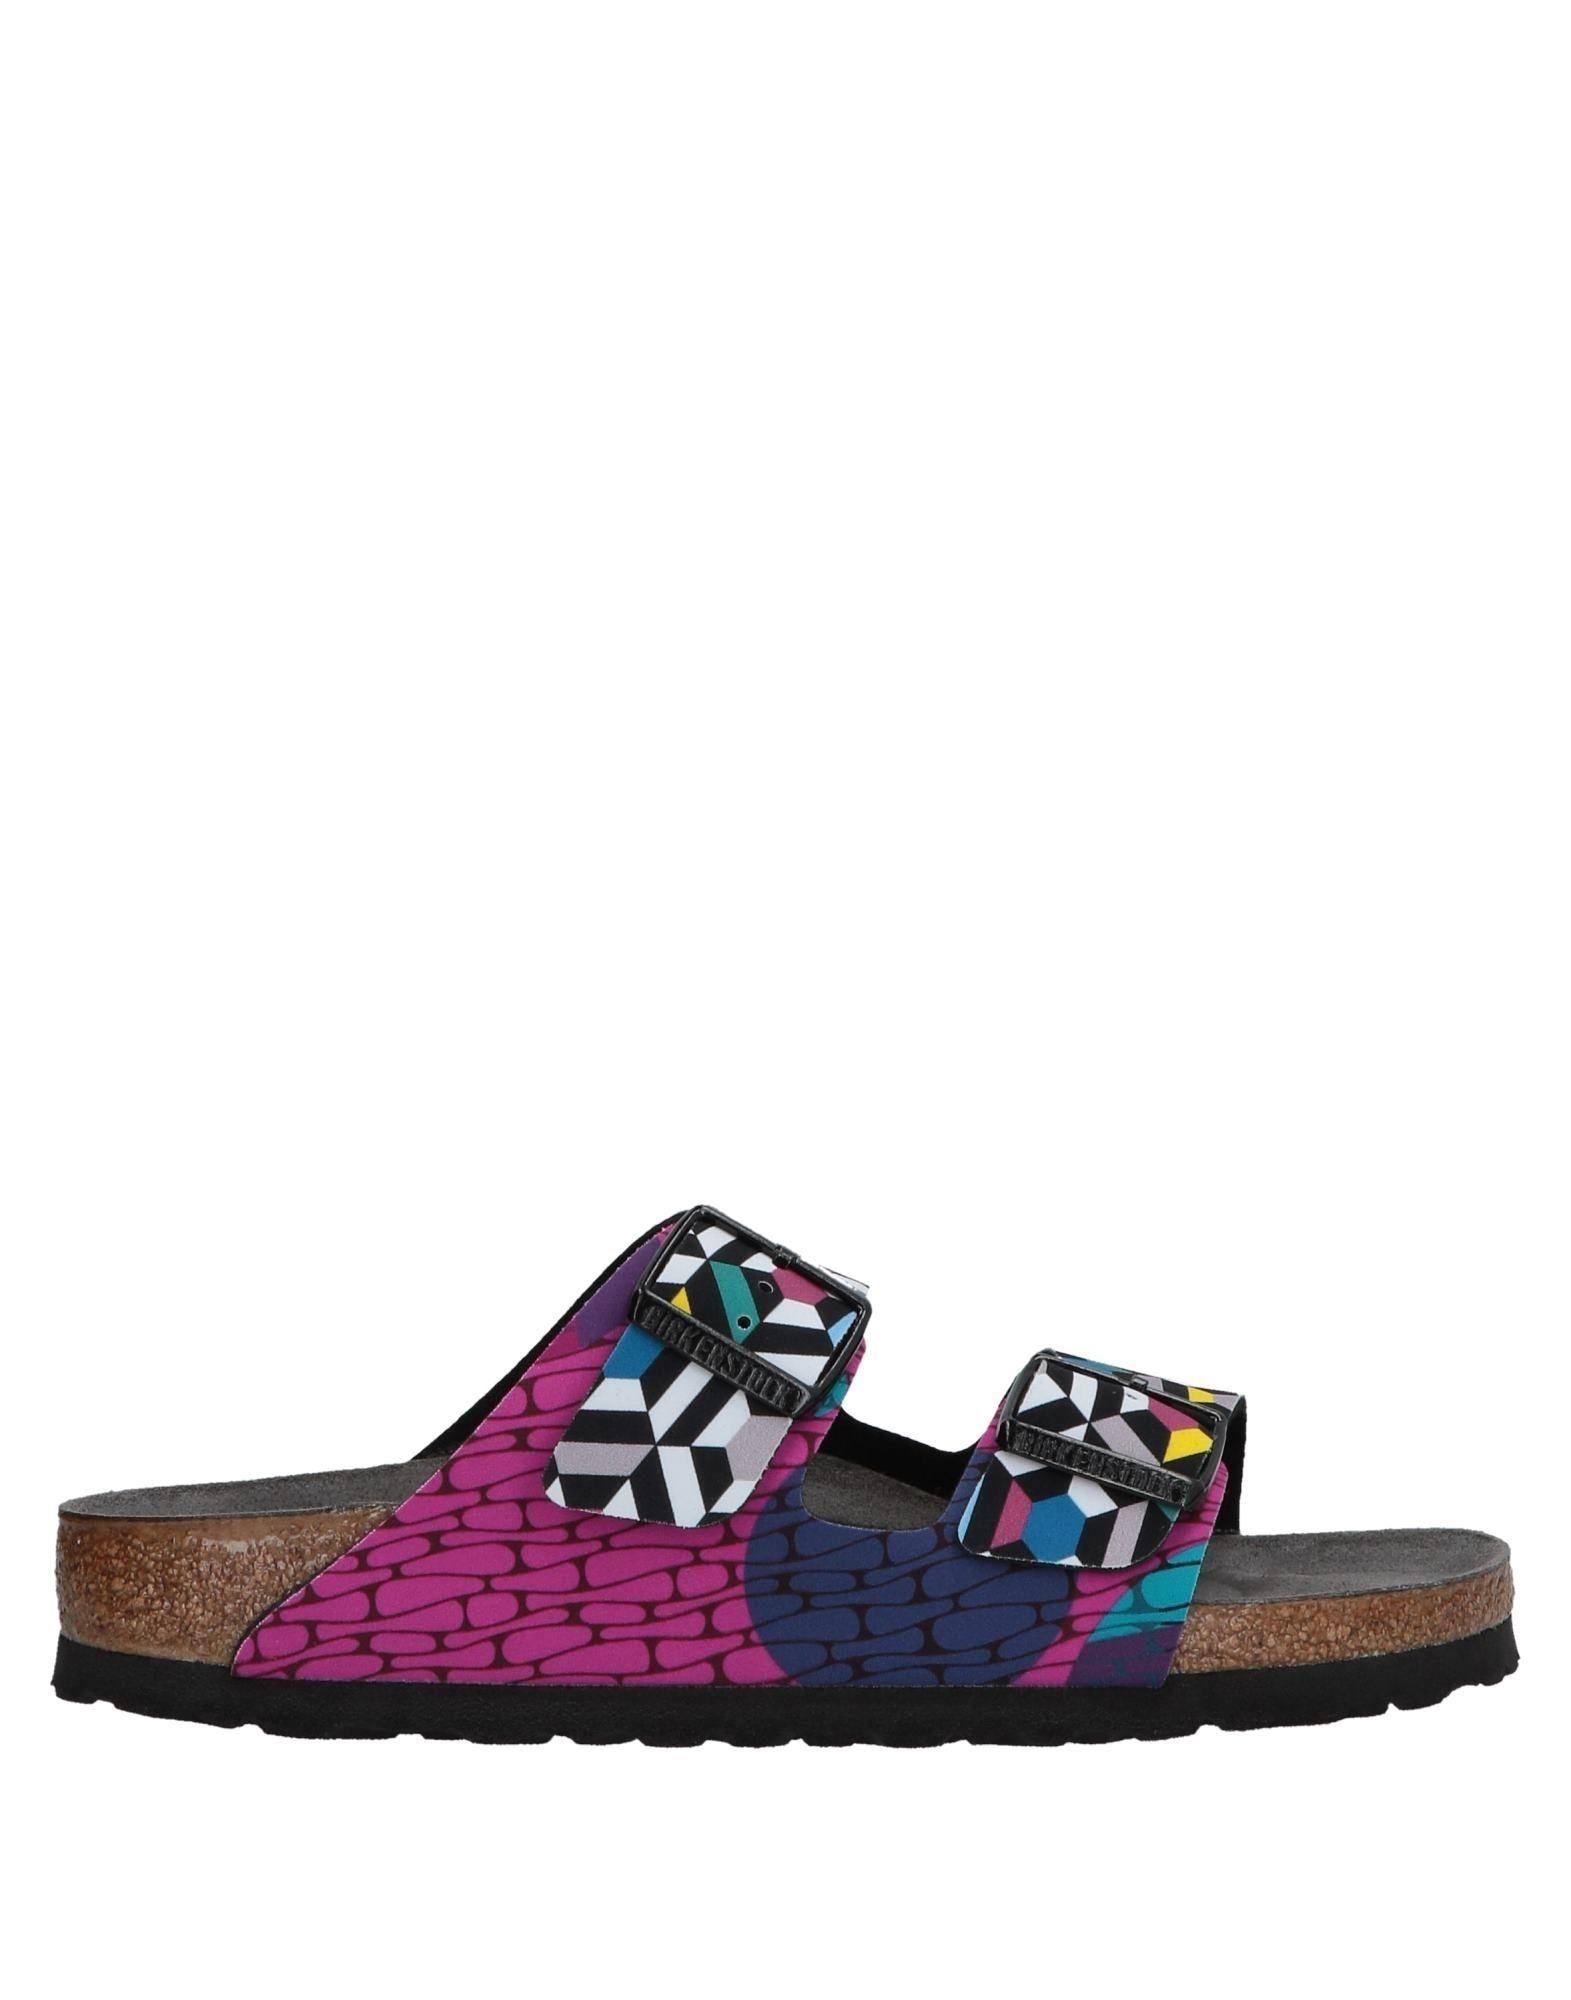 Birkenstock Sandals Sandals - Women Birkenstock Sandals Birkenstock online on  United Kingdom - 11576742PC 237251